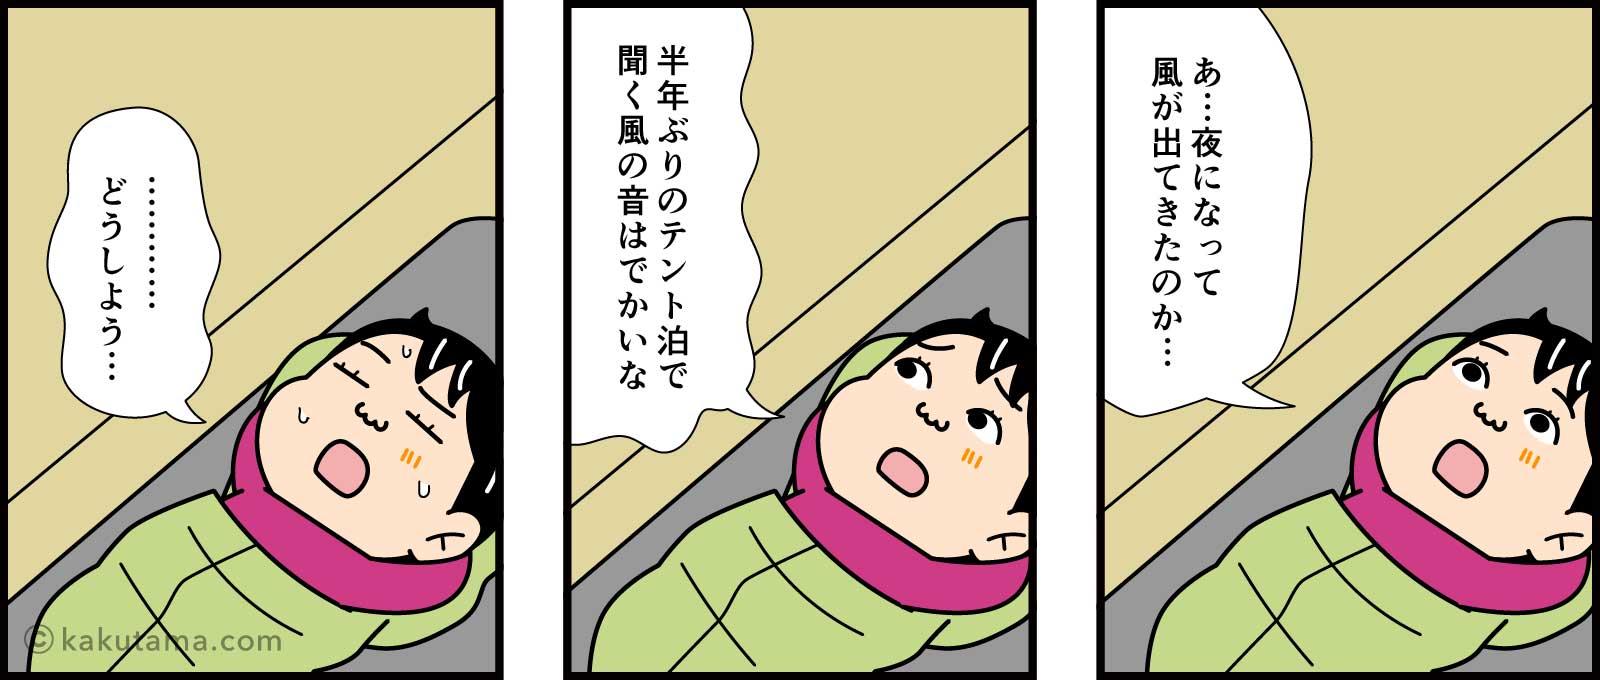 槍ヶ岳山荘のテント場の風の音で目が覚める漫画